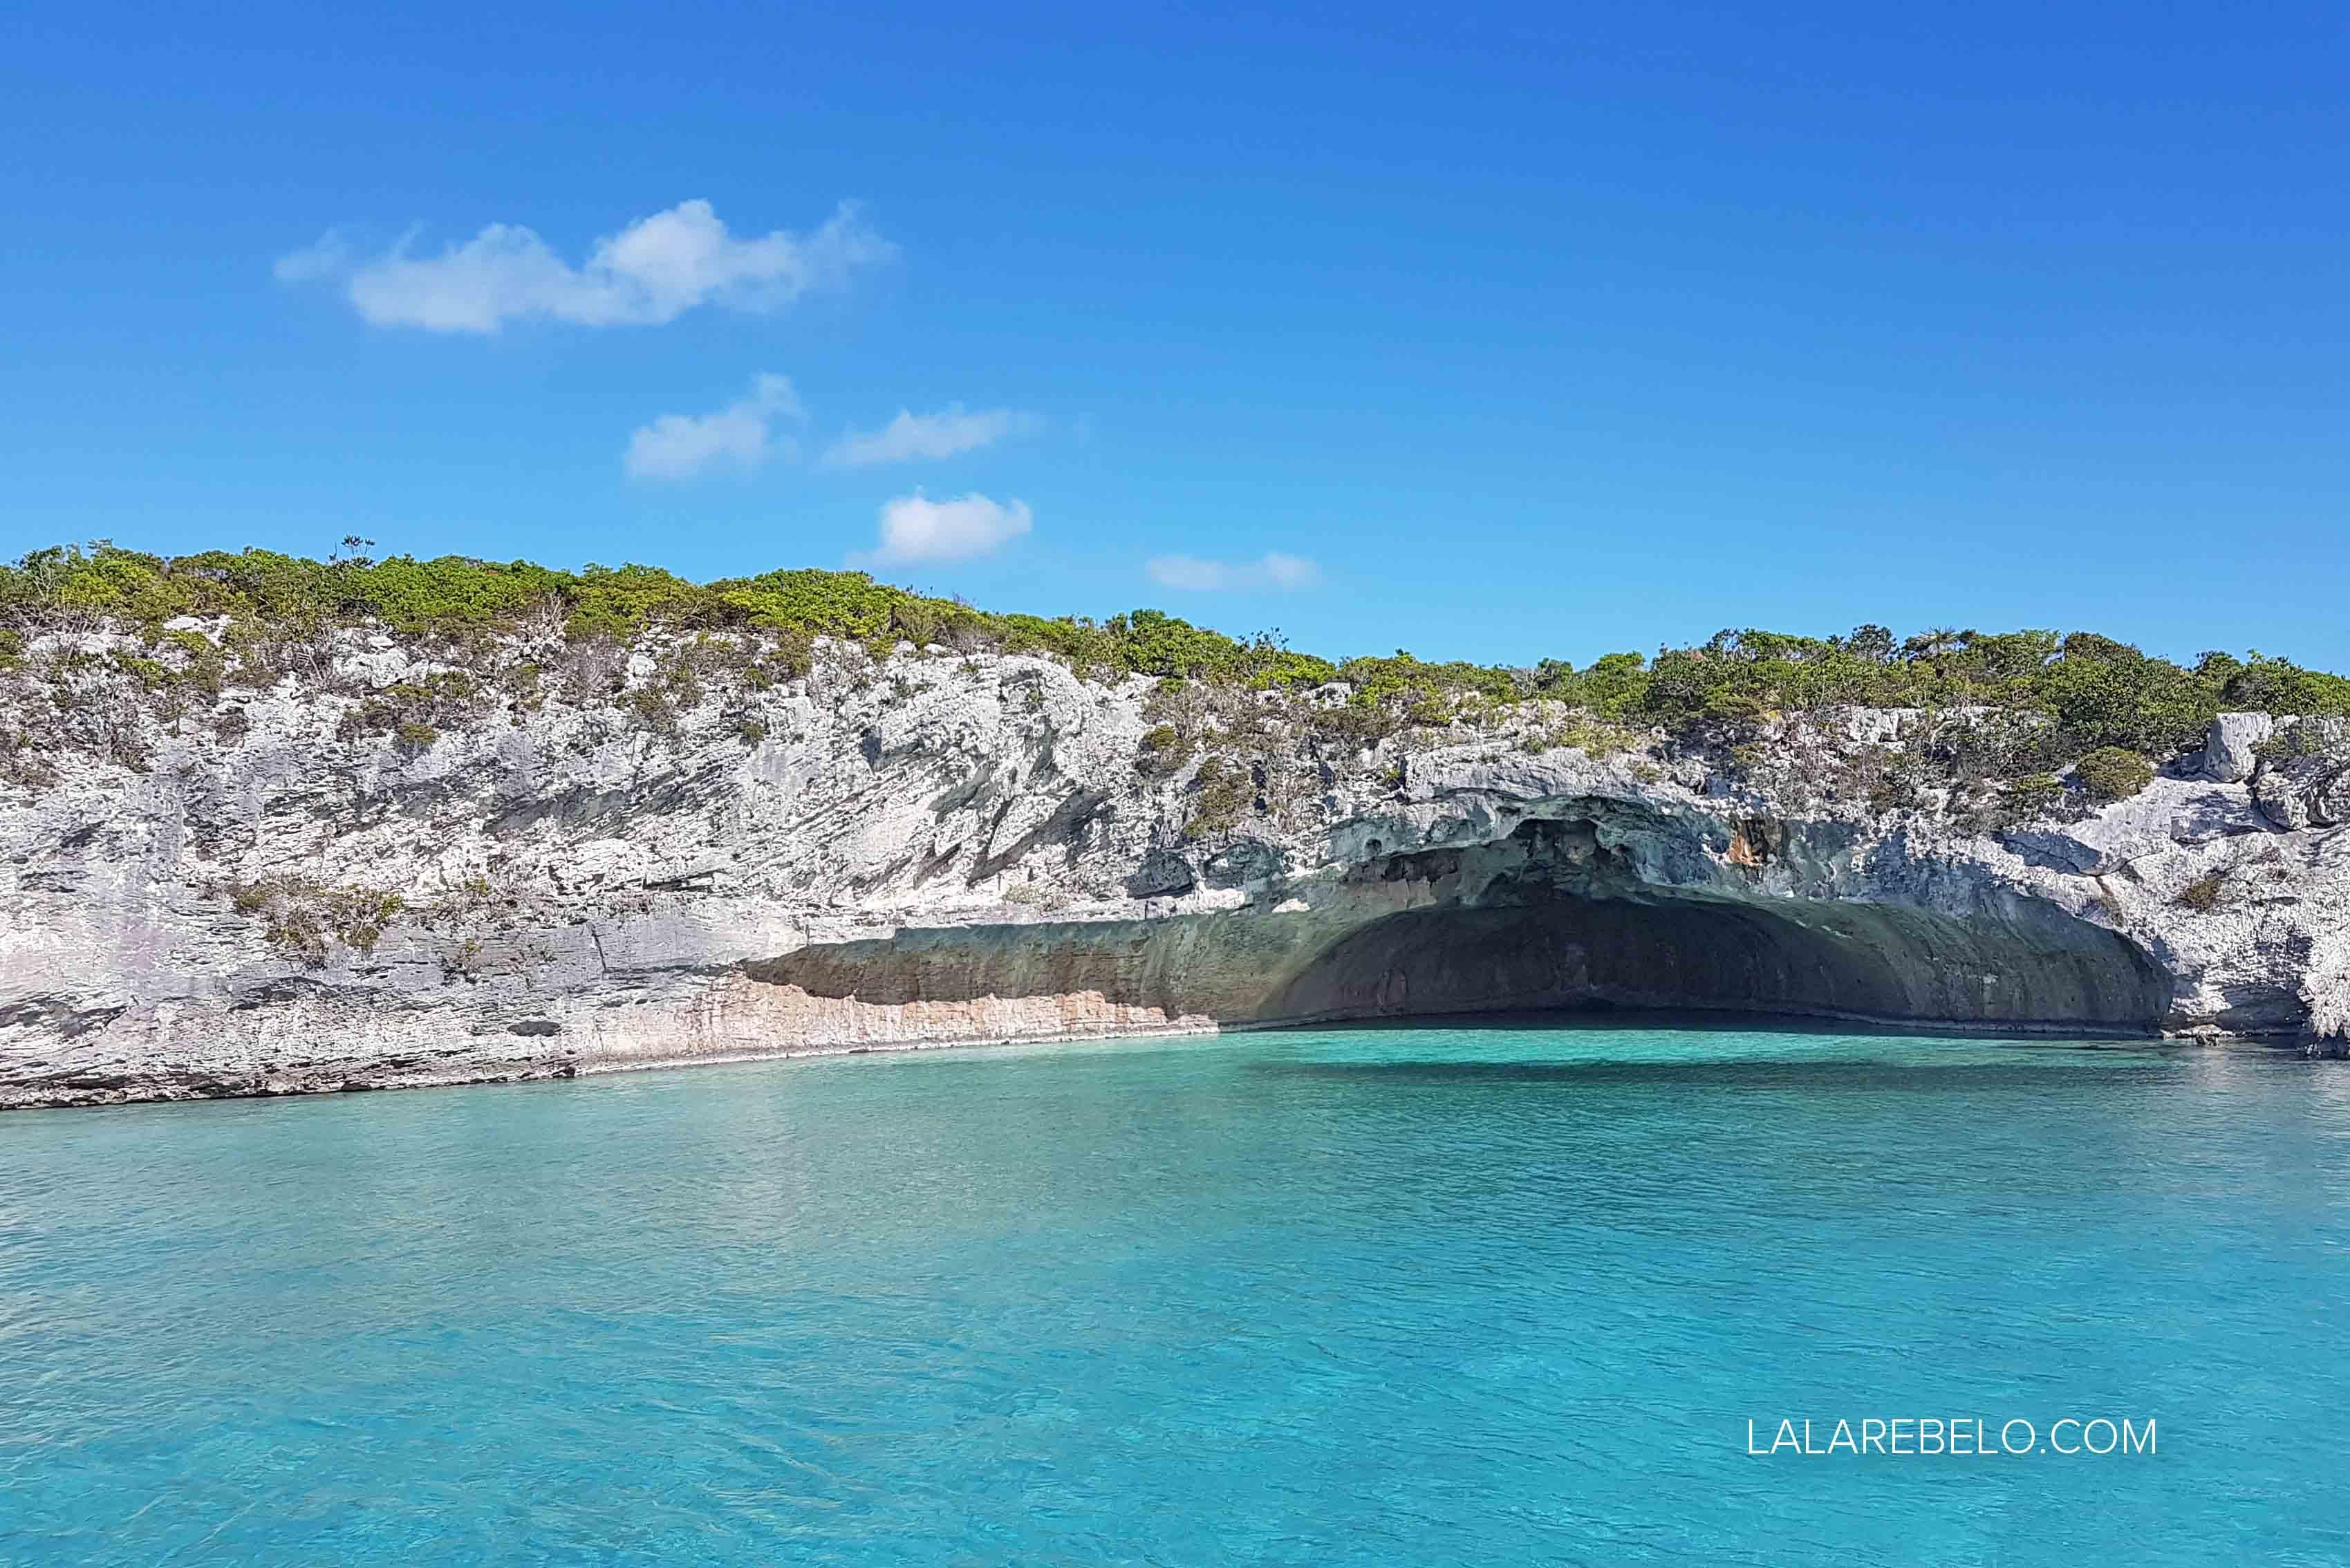 Caverna em Musha Cay | Passeio de barco por Exuma Cays